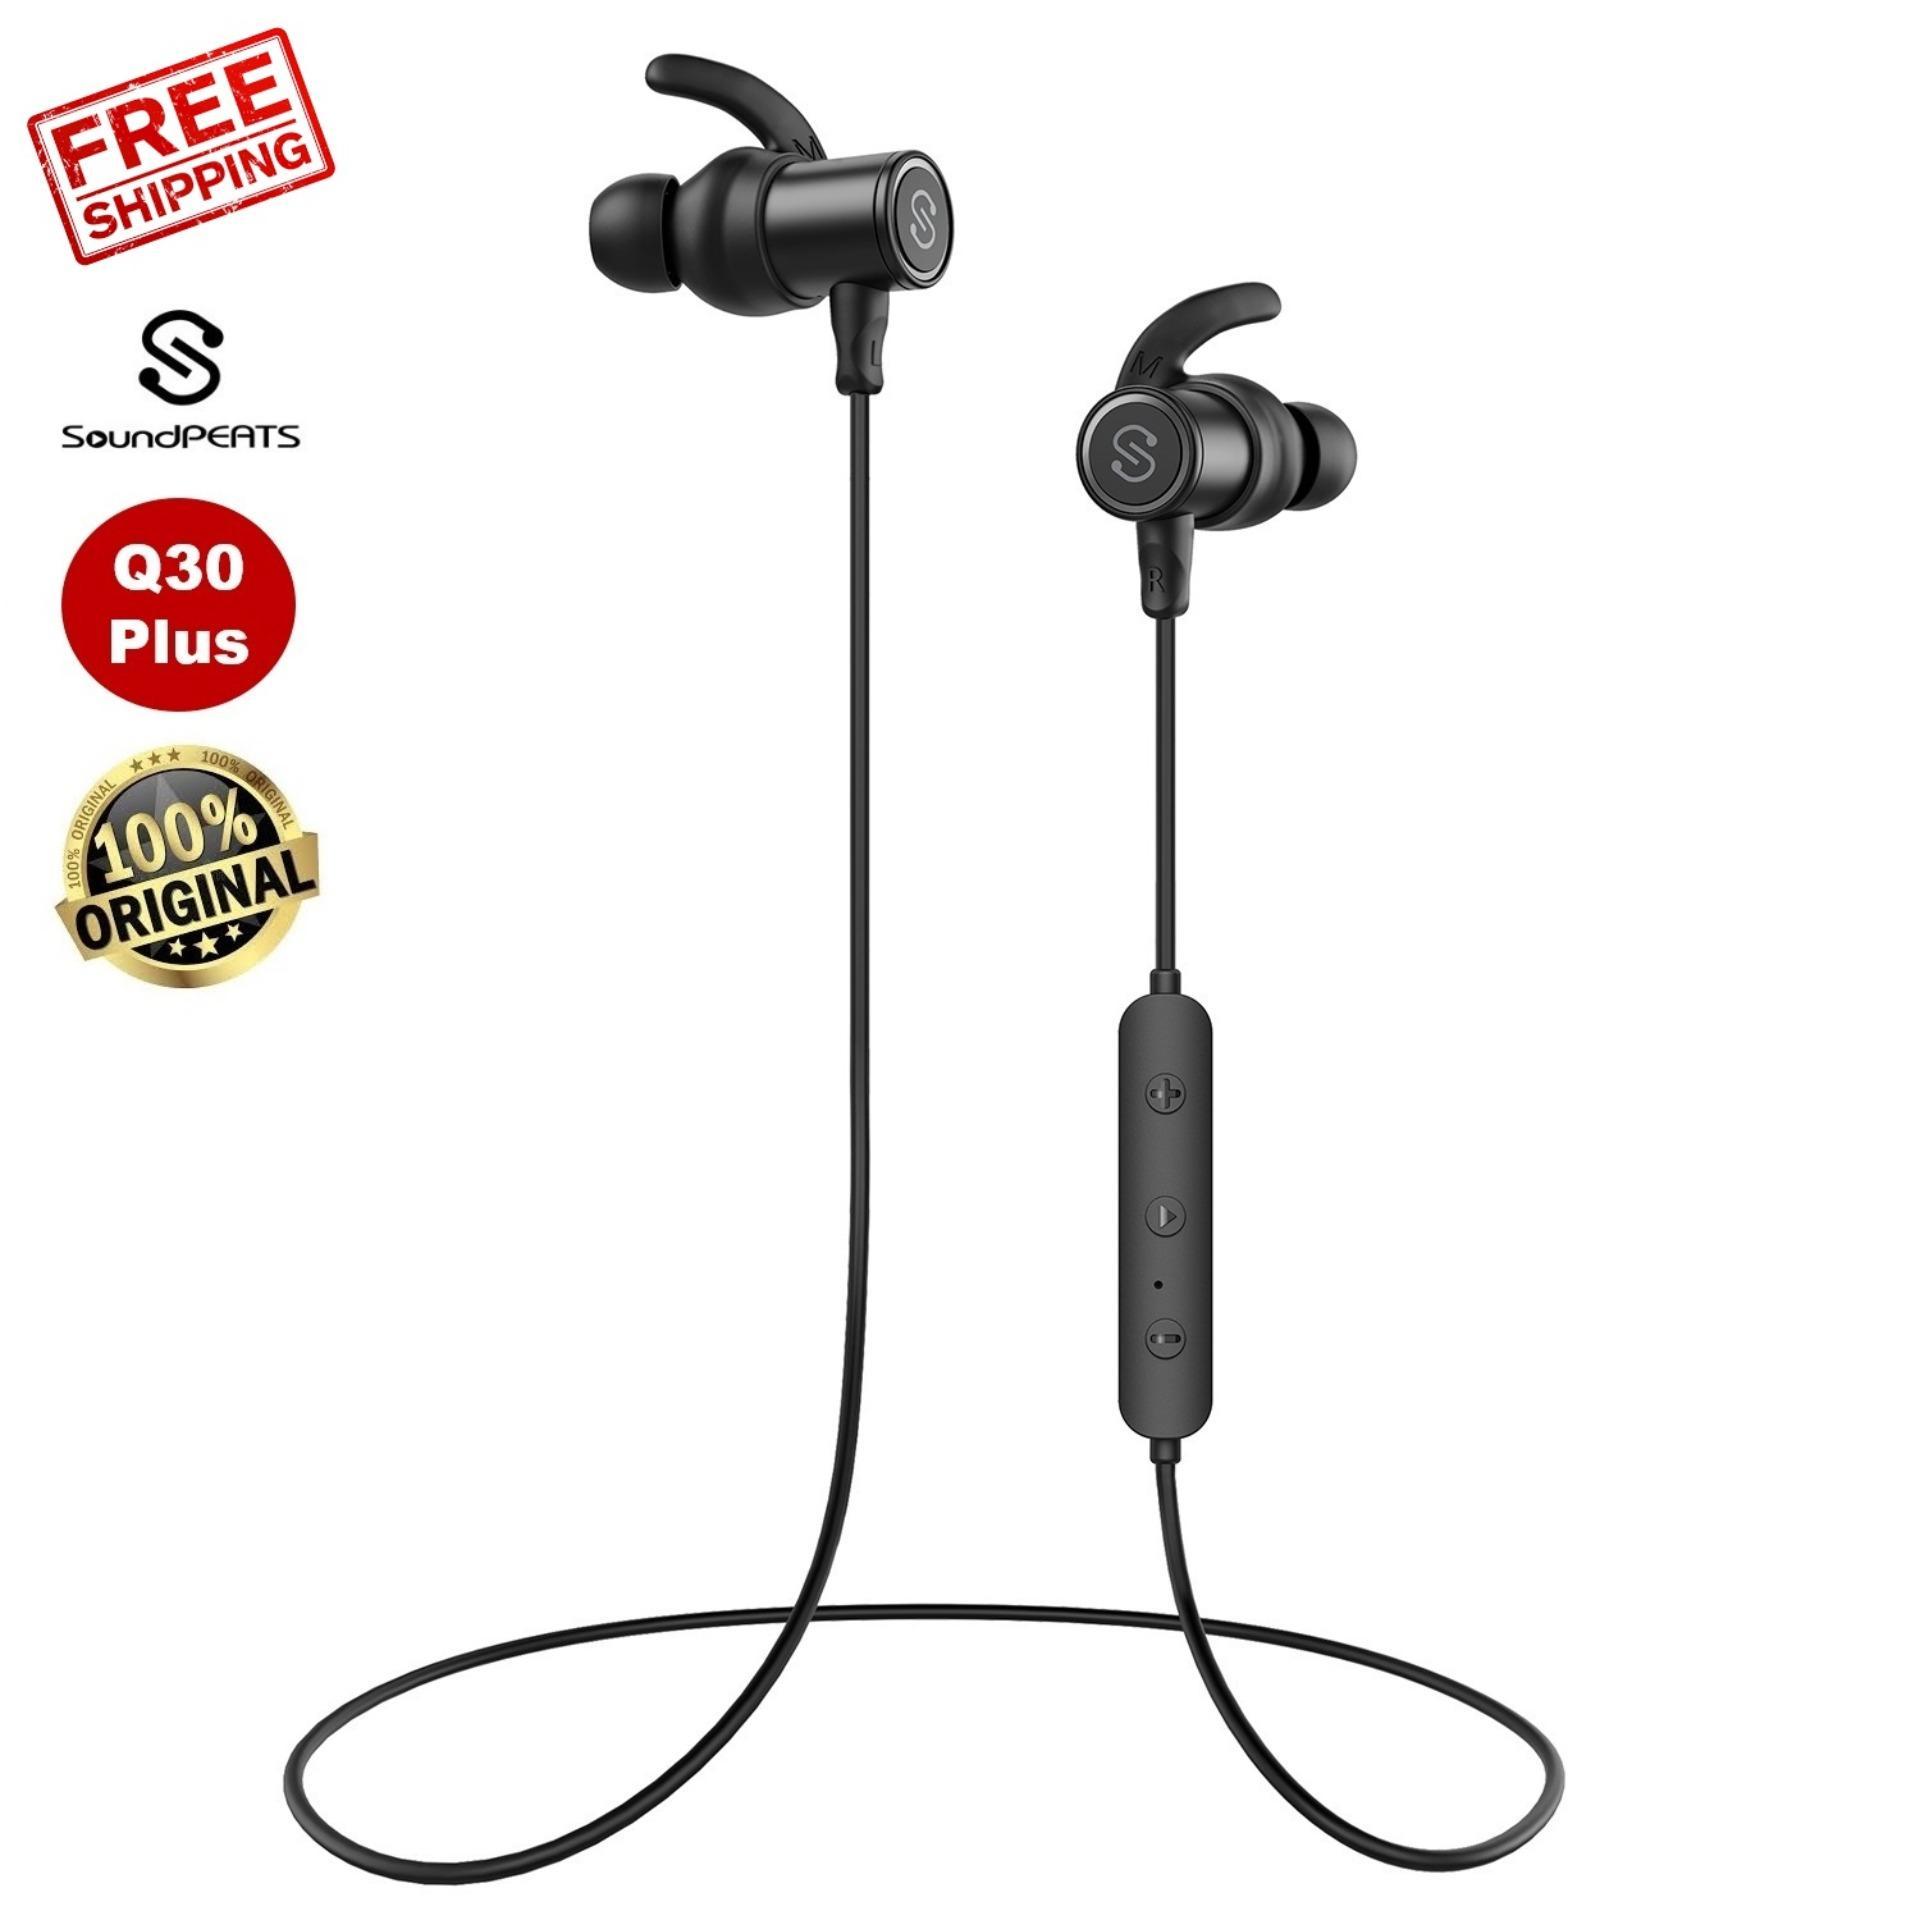 SoundPEATS Bluetooth Earphones Wireless 4 1 magnetic earphones In Ear IPX6 Sweatproof Headphones with